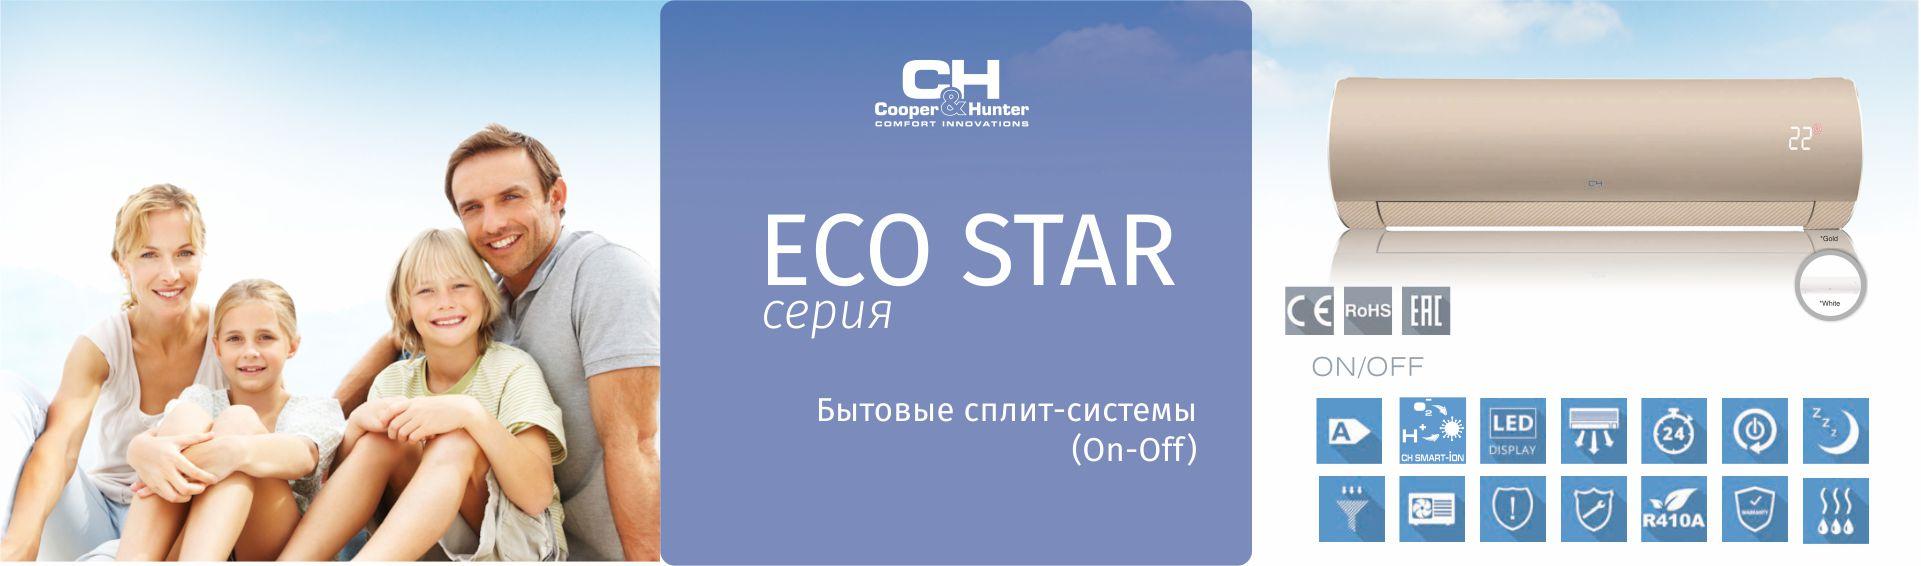 Серия Eco Star